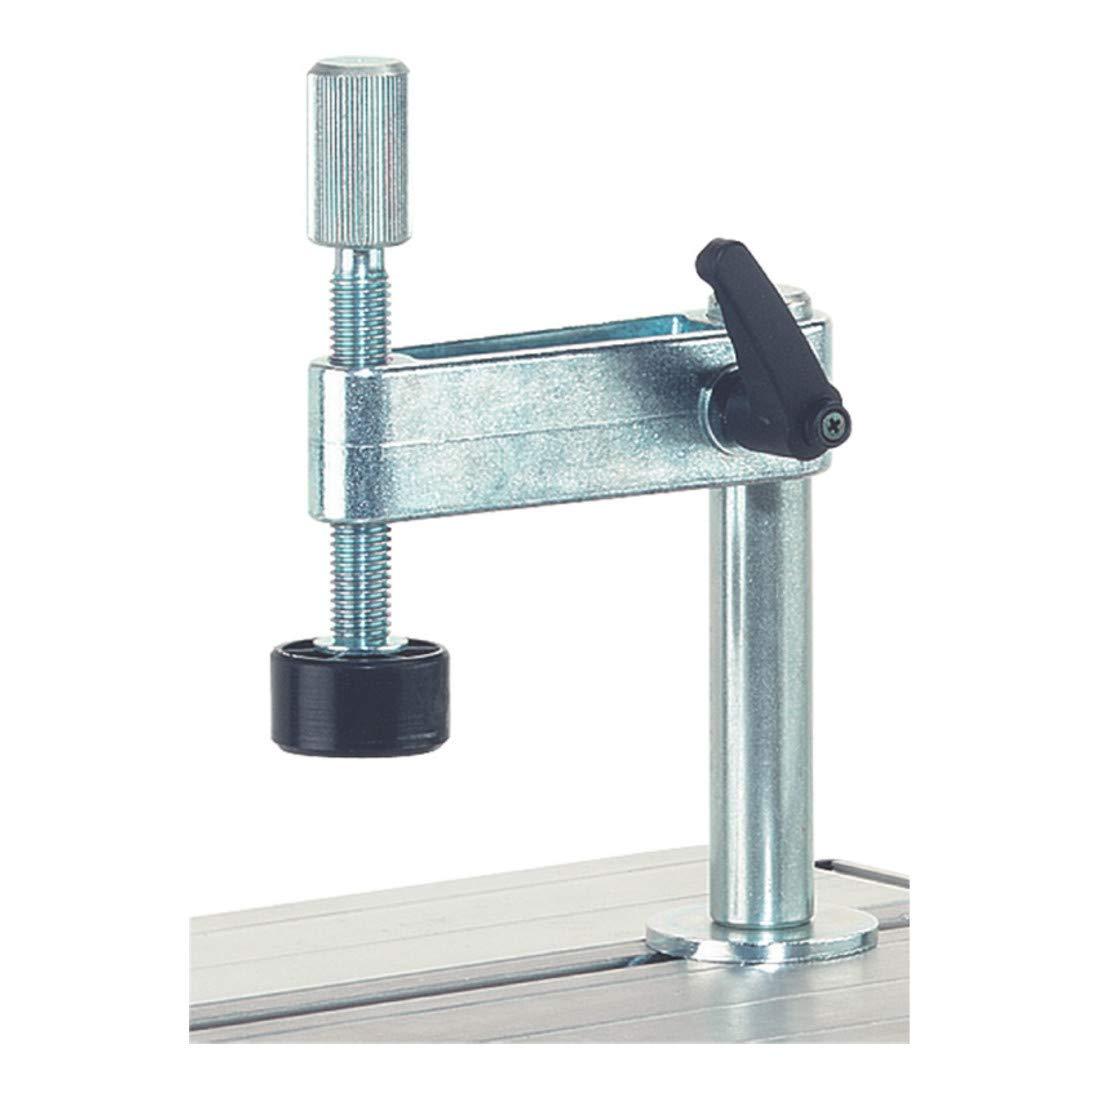 Metabo 910064495 Werkstueckspannvorrichtung UK290//UK333